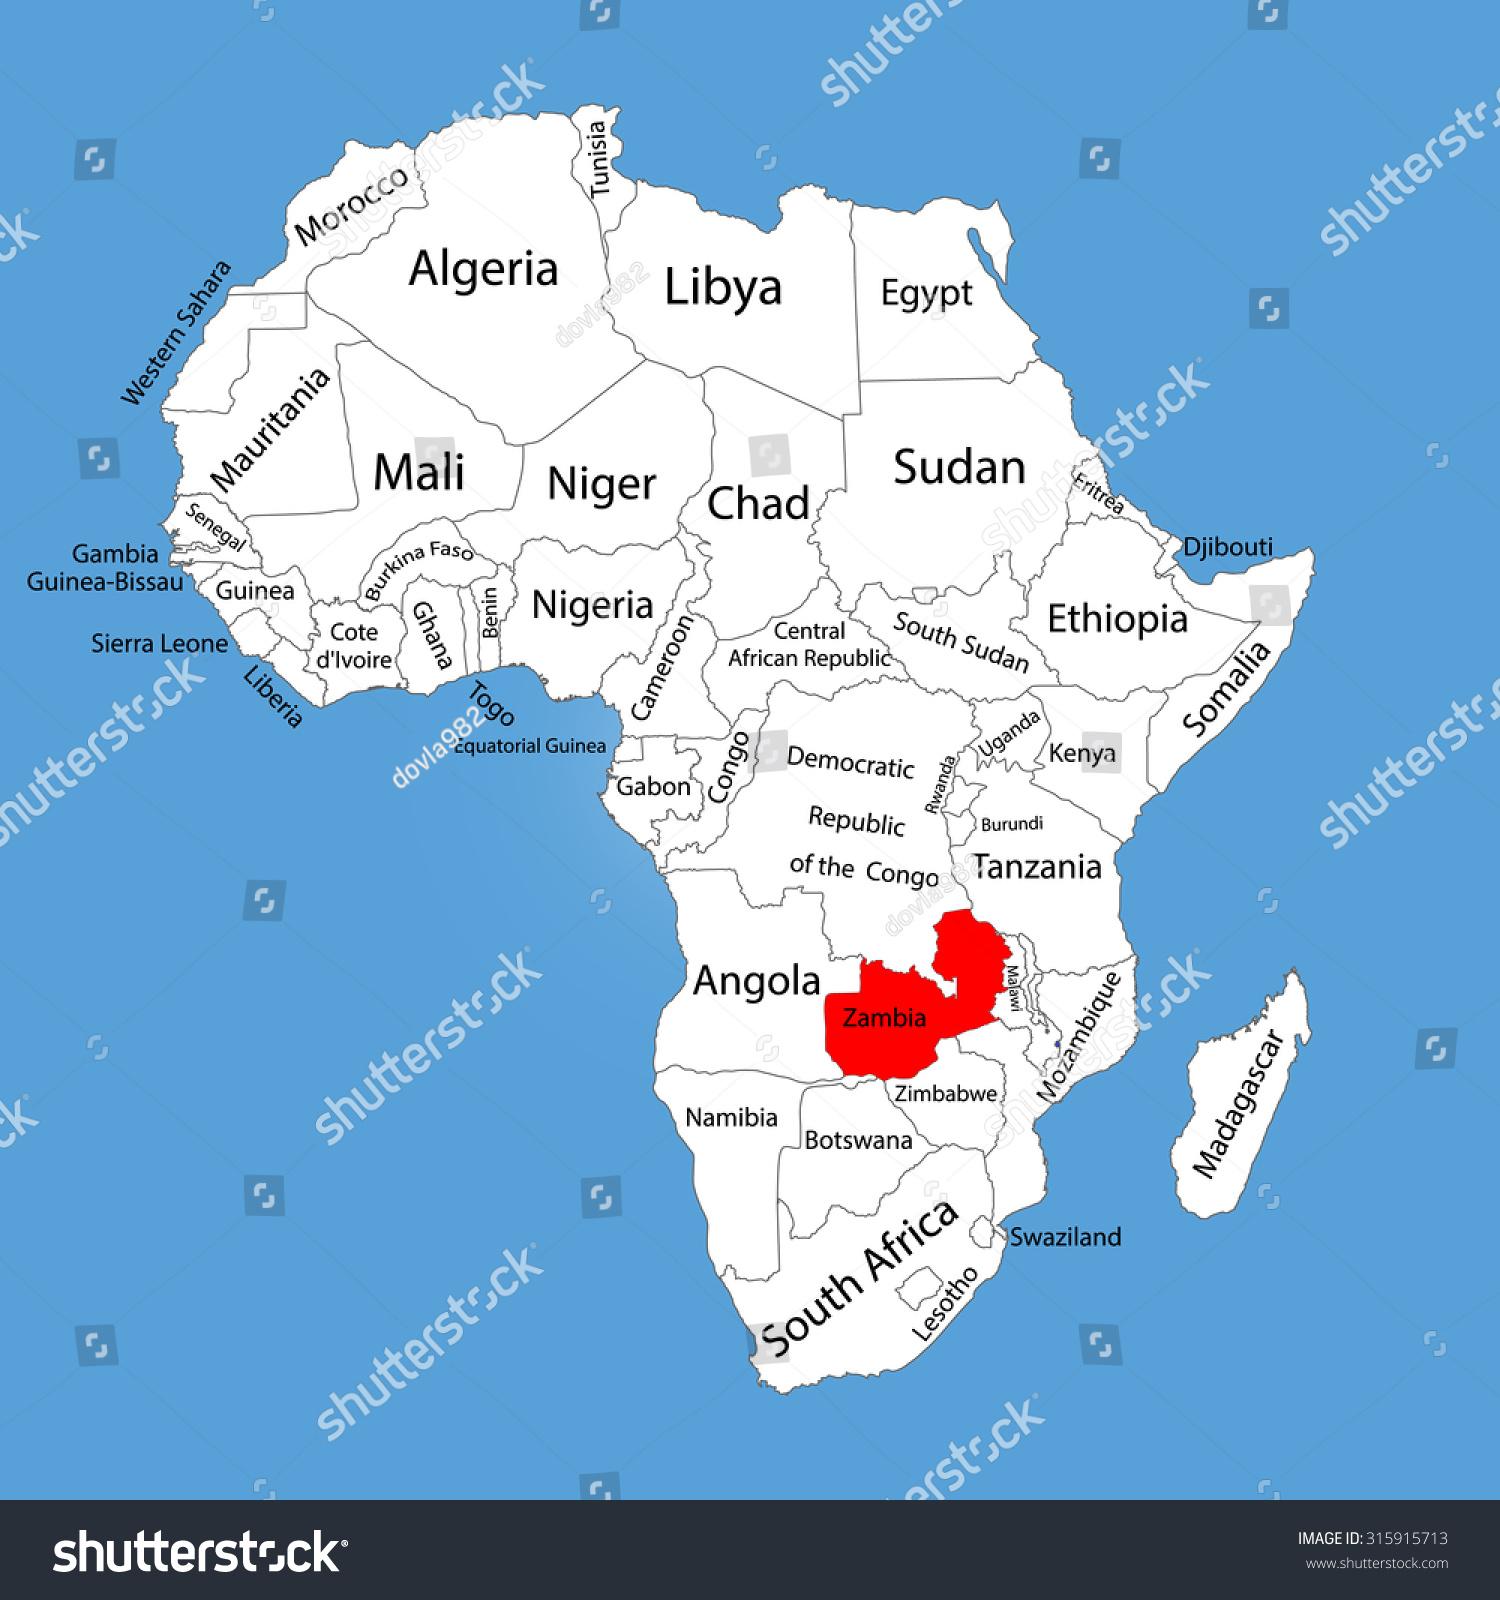 Picture of: Vector De Stock Libre De Regalias Sobre Zambia Vector Map Silhouette Isolated On315915713